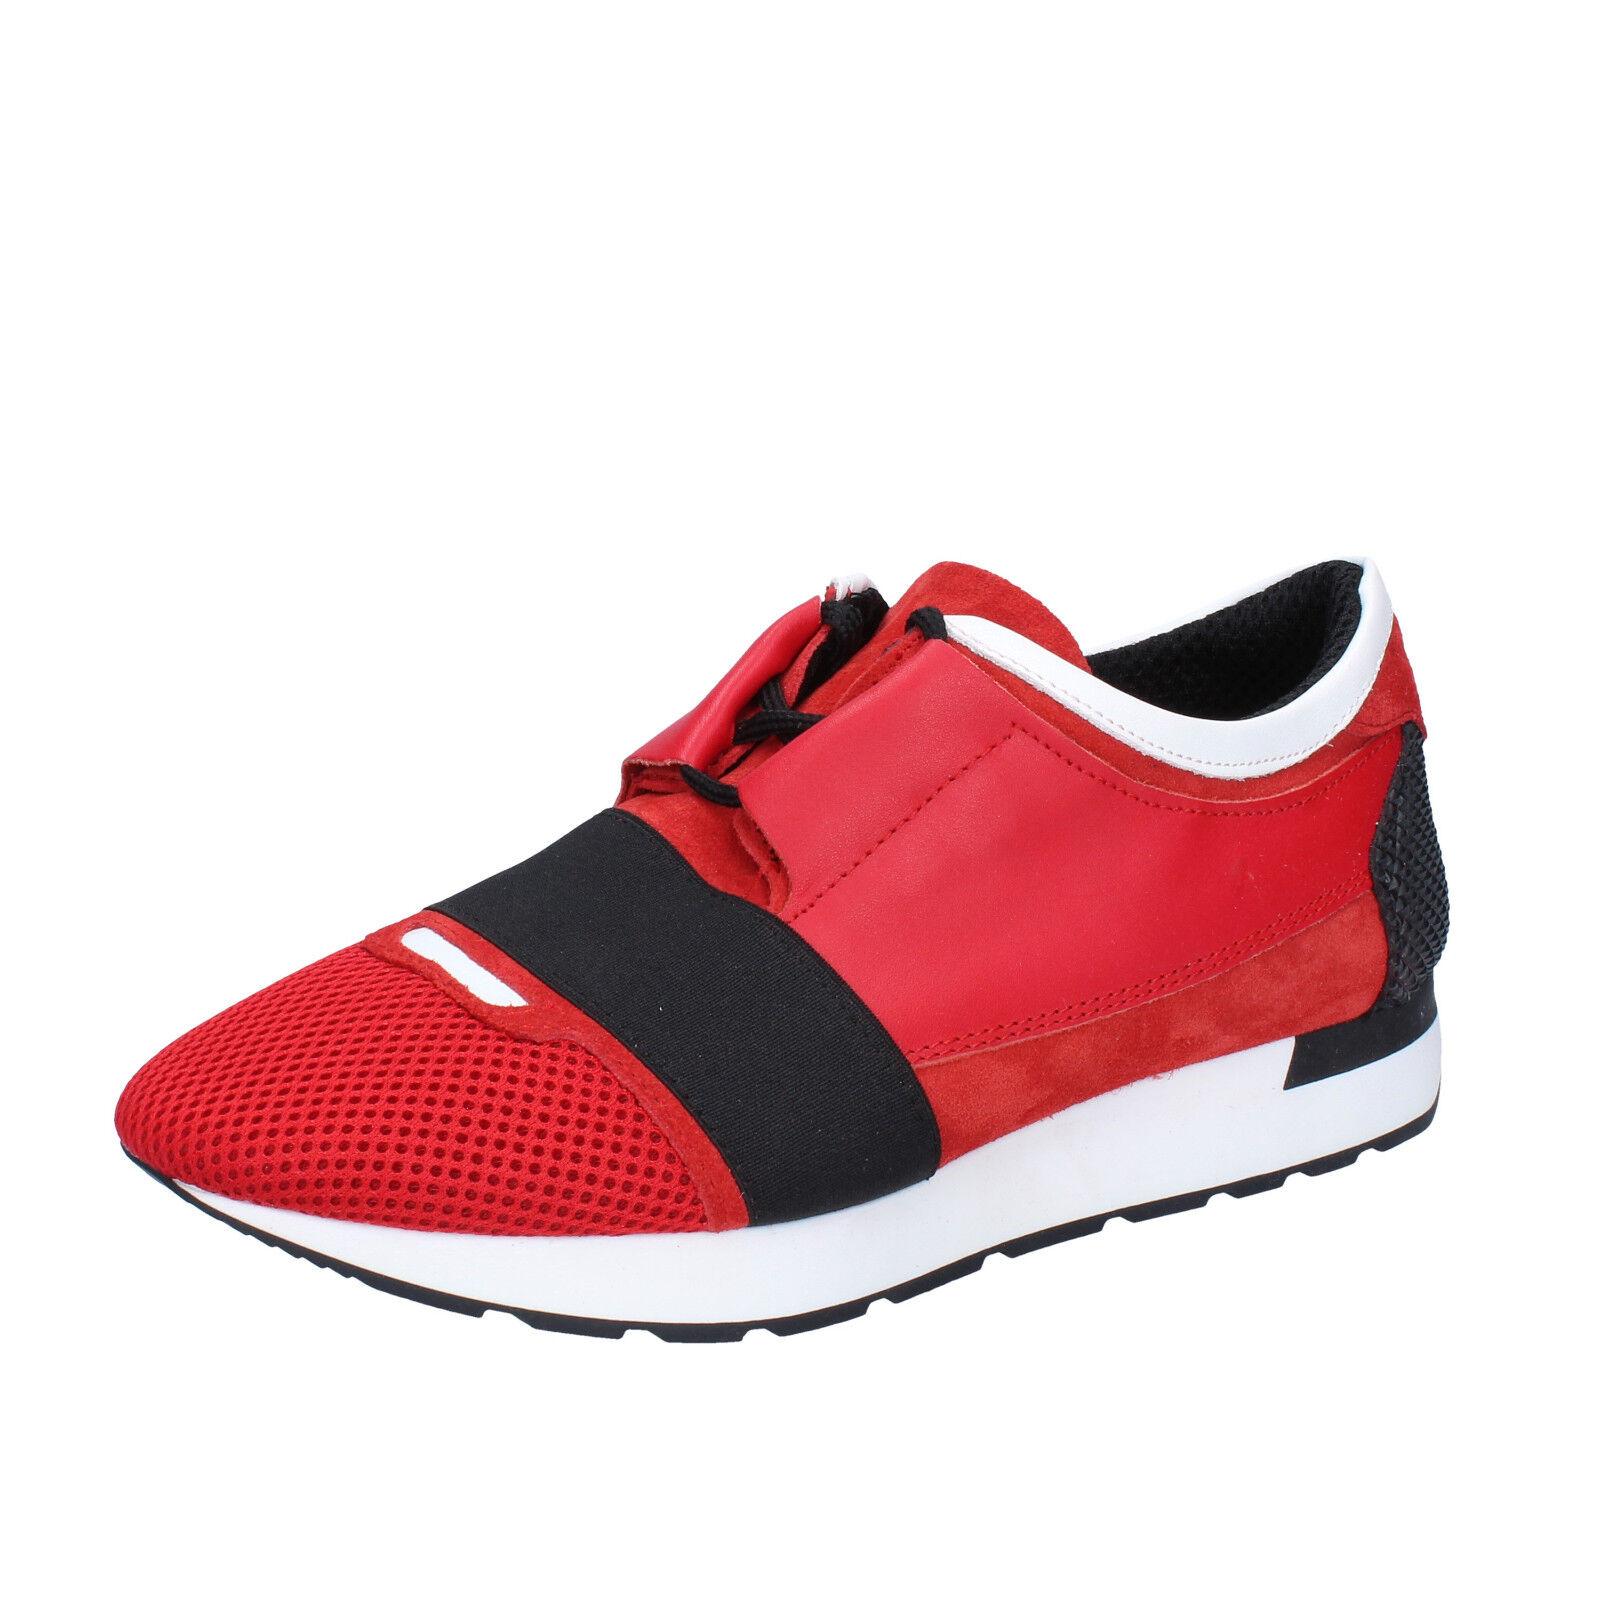 Mens zapatos SALVO FERDI 8 (EU 42) zapatillas negro rojo suede leather BZ616-C